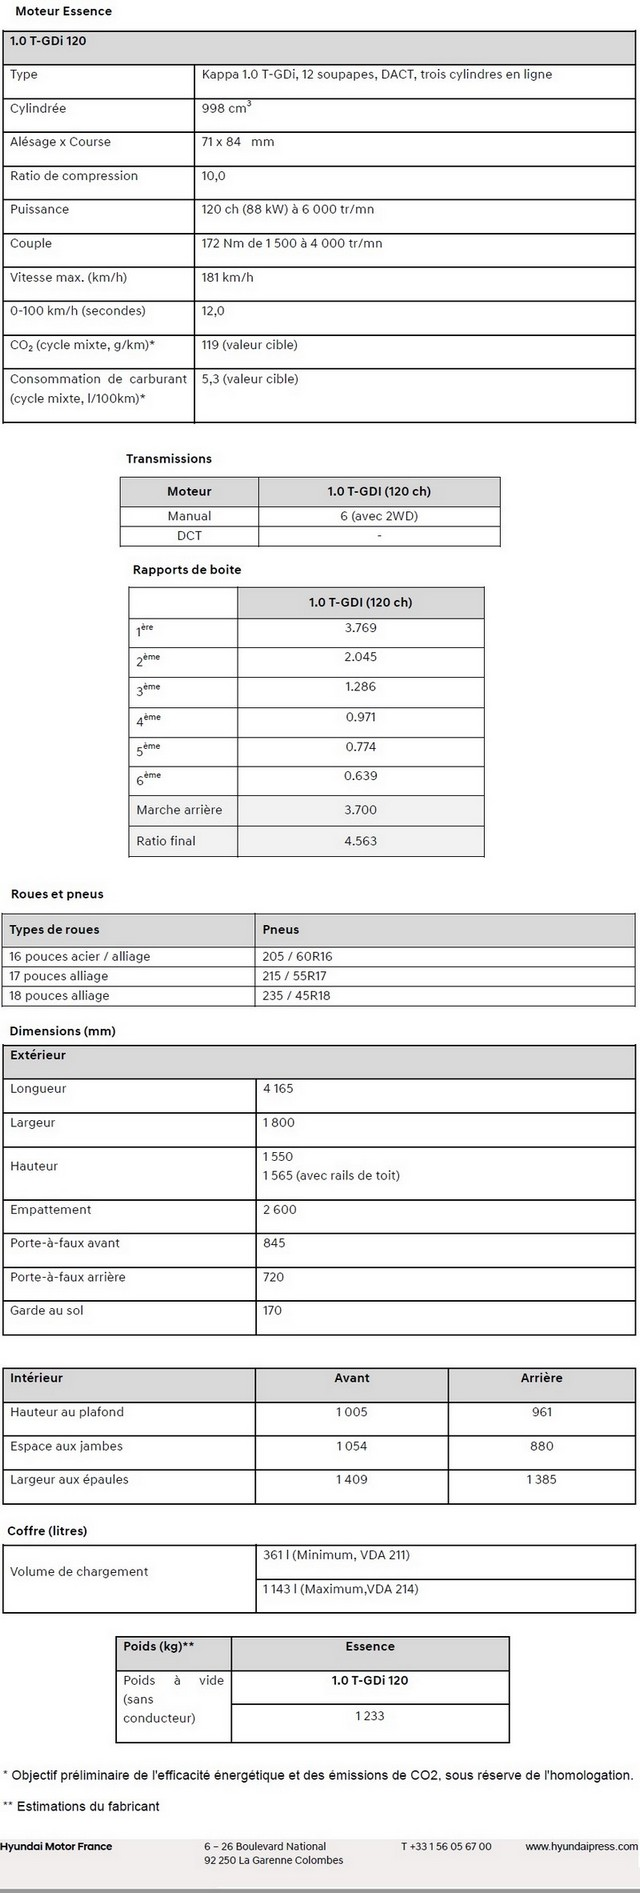 Le nouveau Hyundai Kona est né. Découvrez toutes ses informations 206046konacaractristiquestechniques